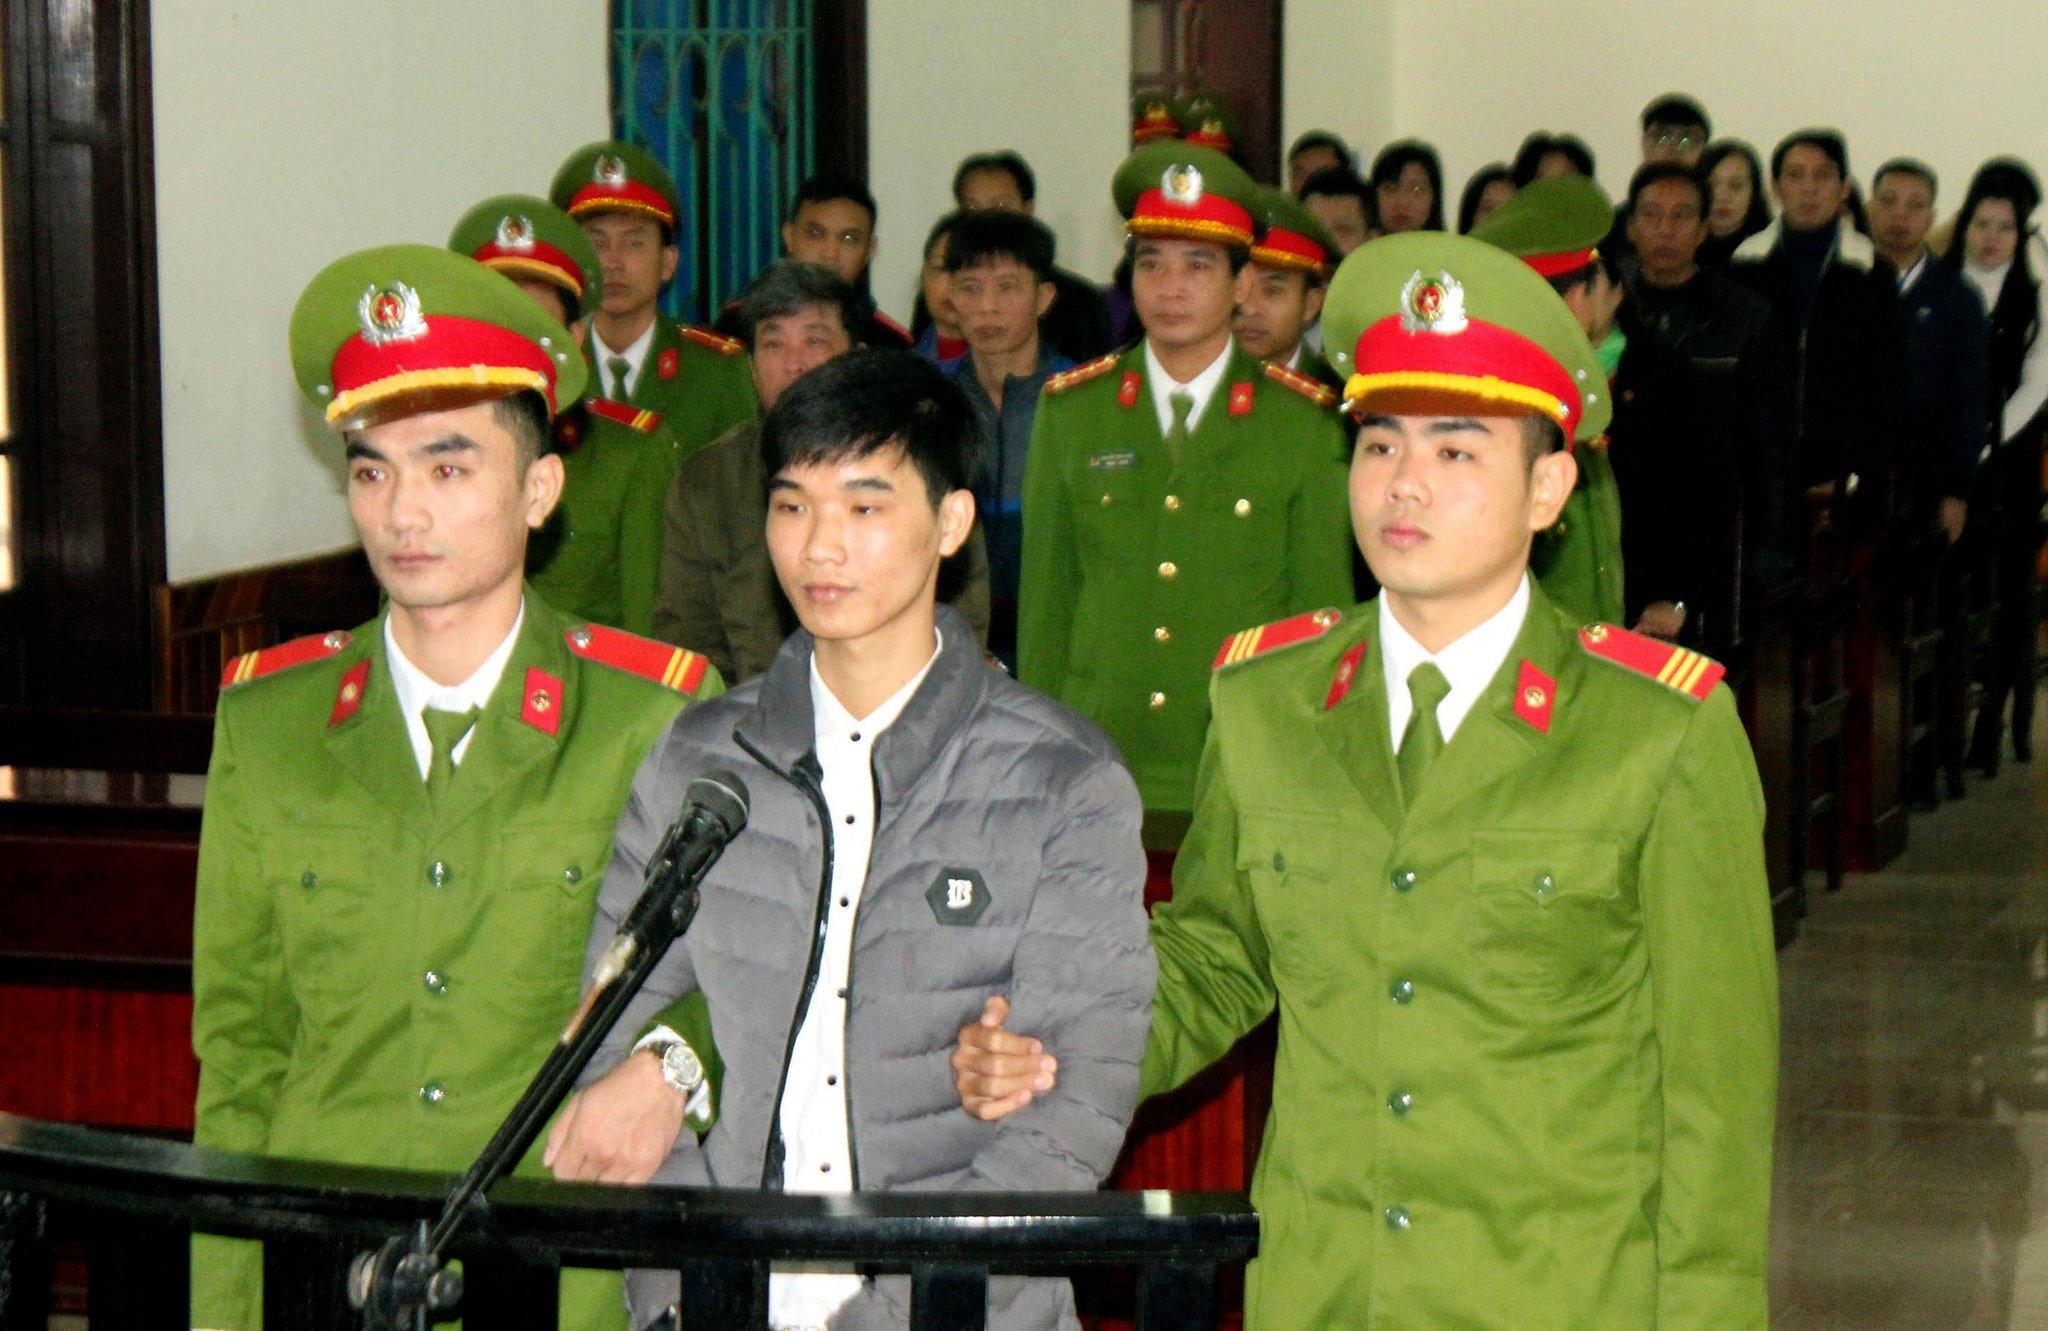 Liên Hiệp Quốc kêu gọi Việt Nam trả tự do cho các nhà hoạt động môi trường